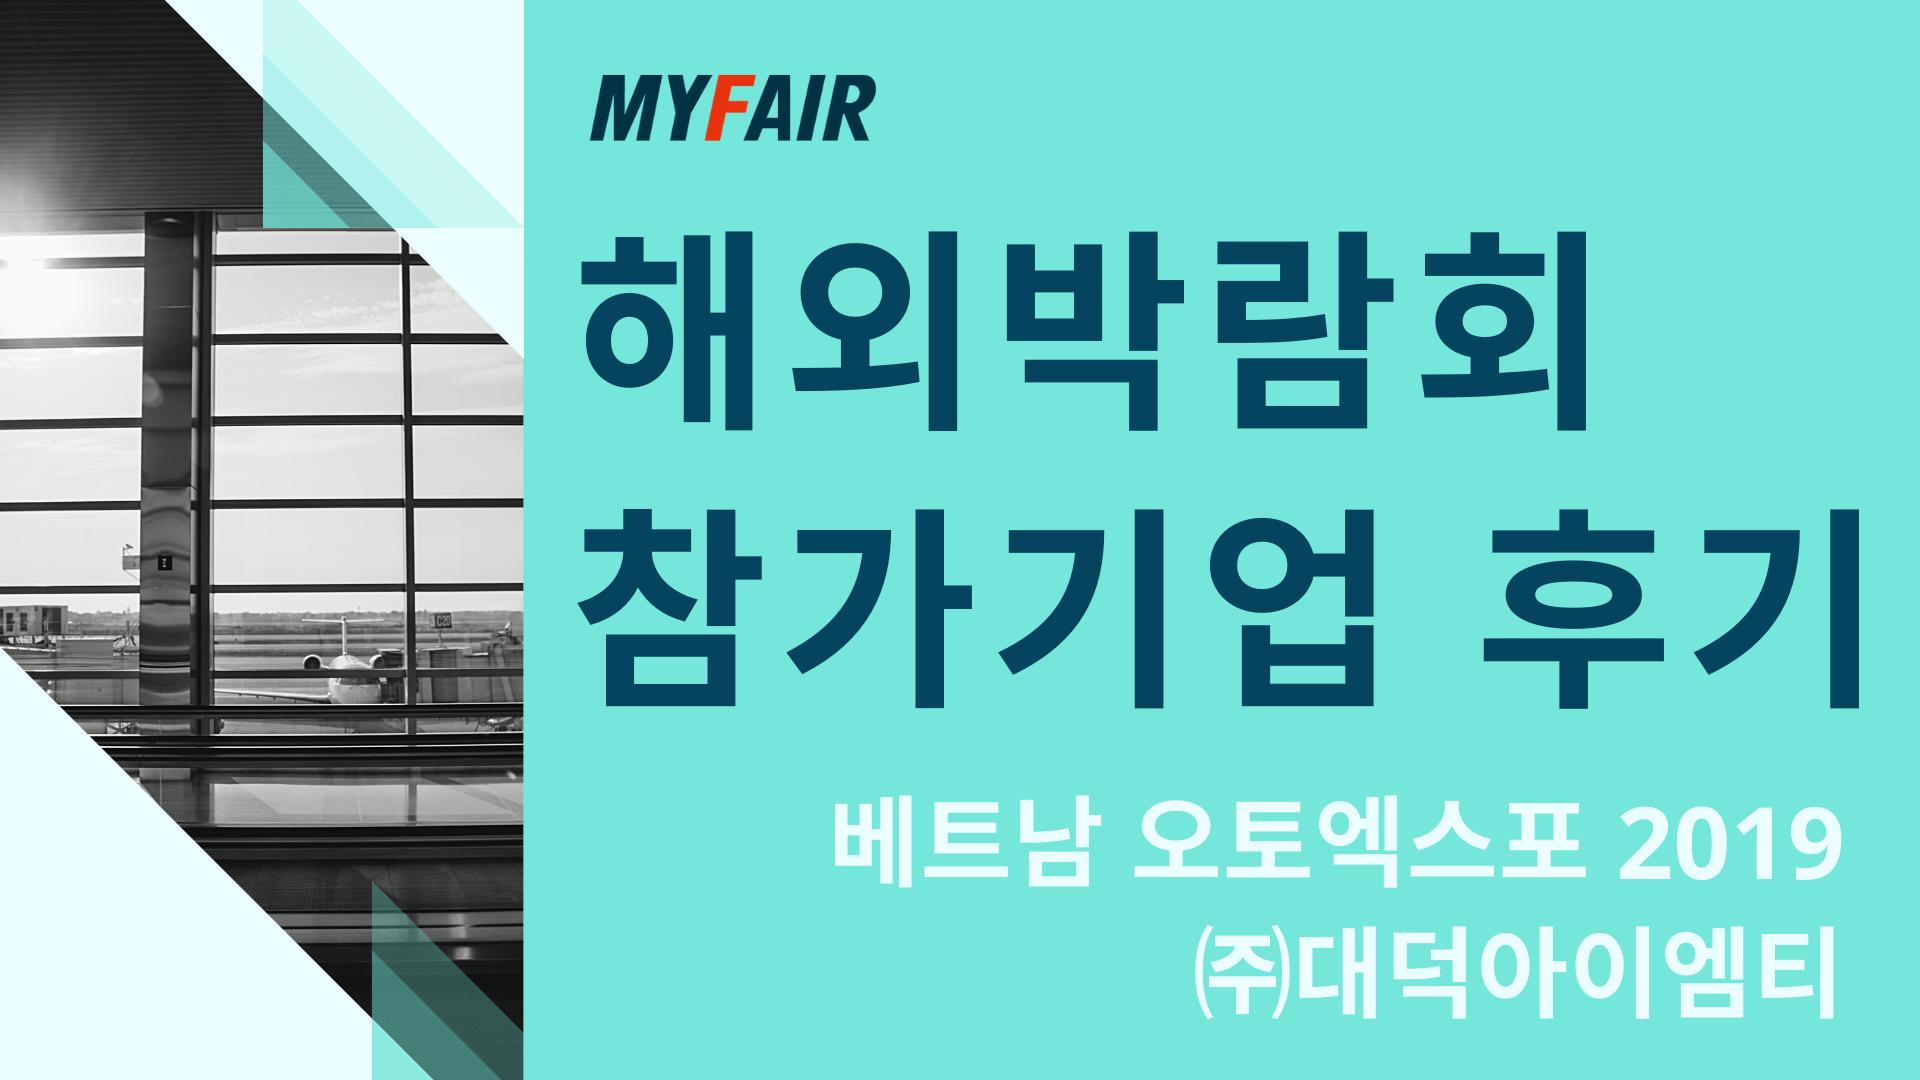 [해외박람회에서 빛난 기업] 베트남 오토엑스포 2019- ㈜대덕아이엠티